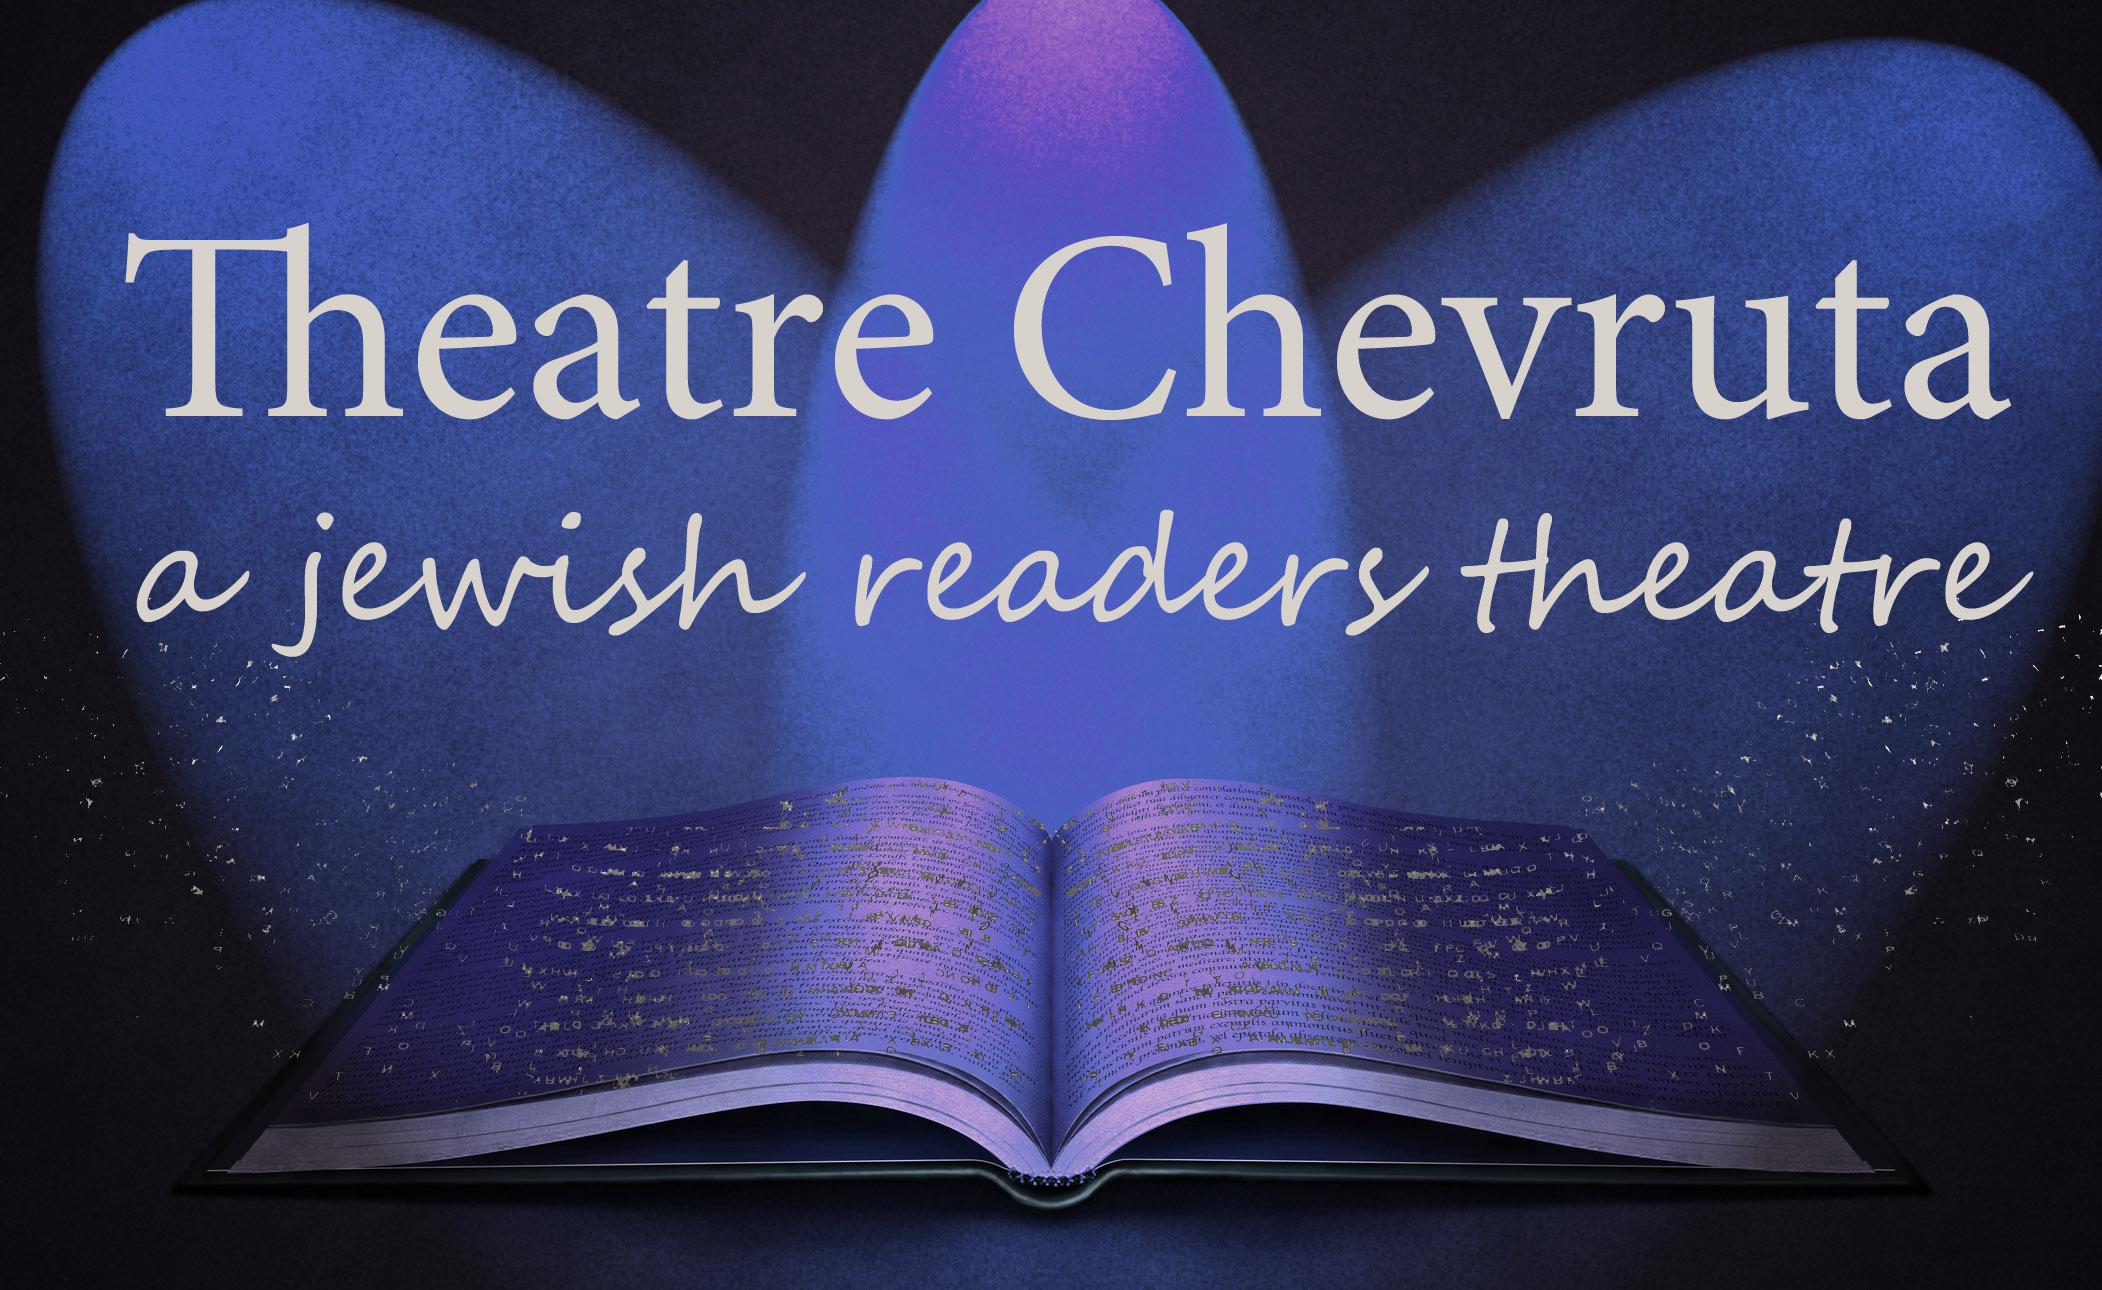 Theatre Chevruta